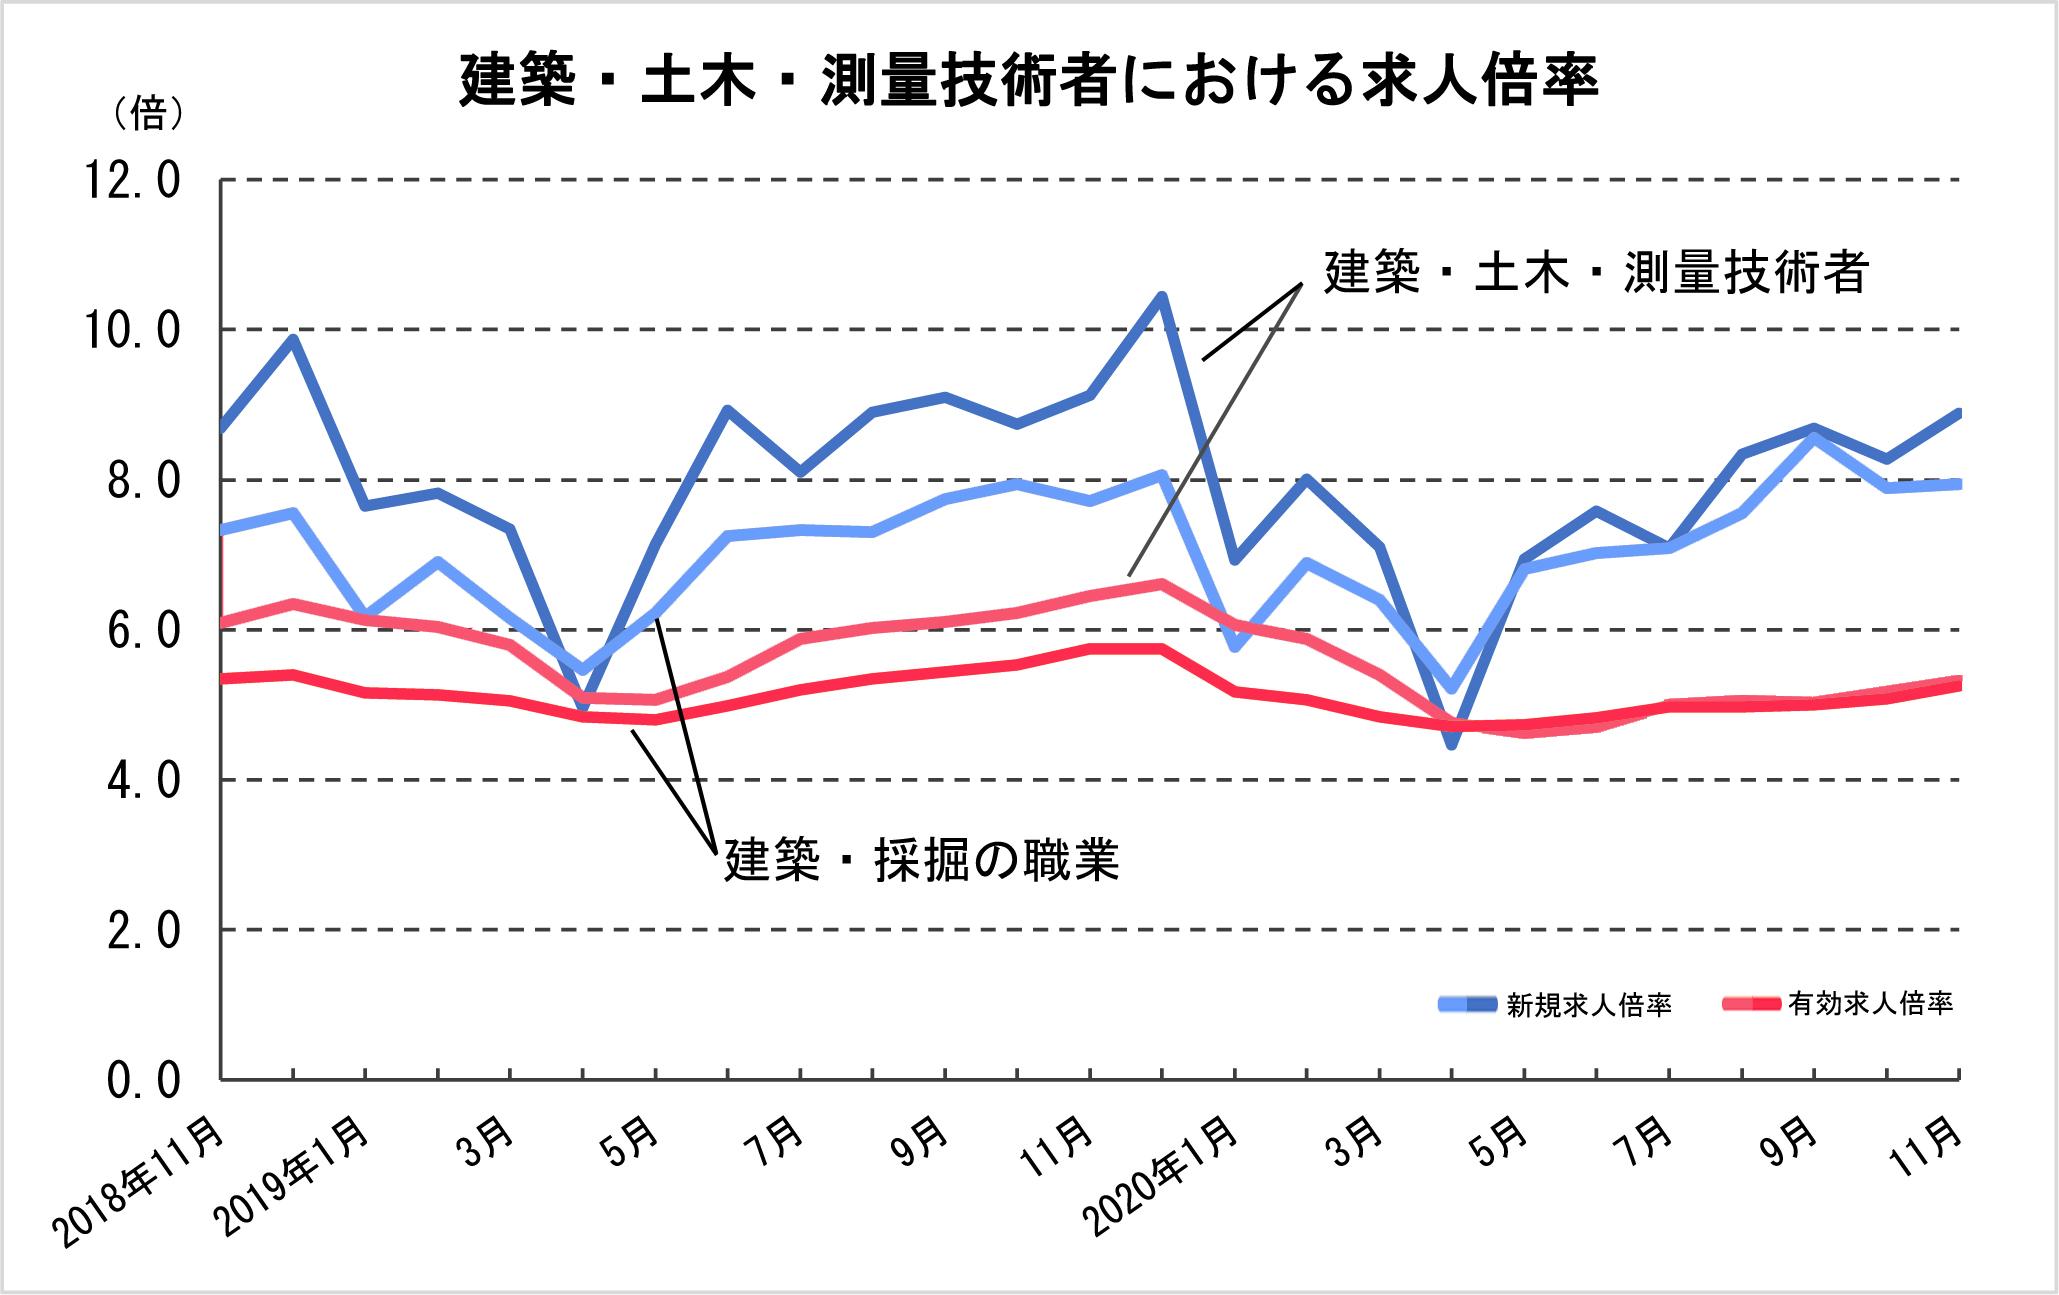 ④-3 建築・土木・測量技術者における求人倍率